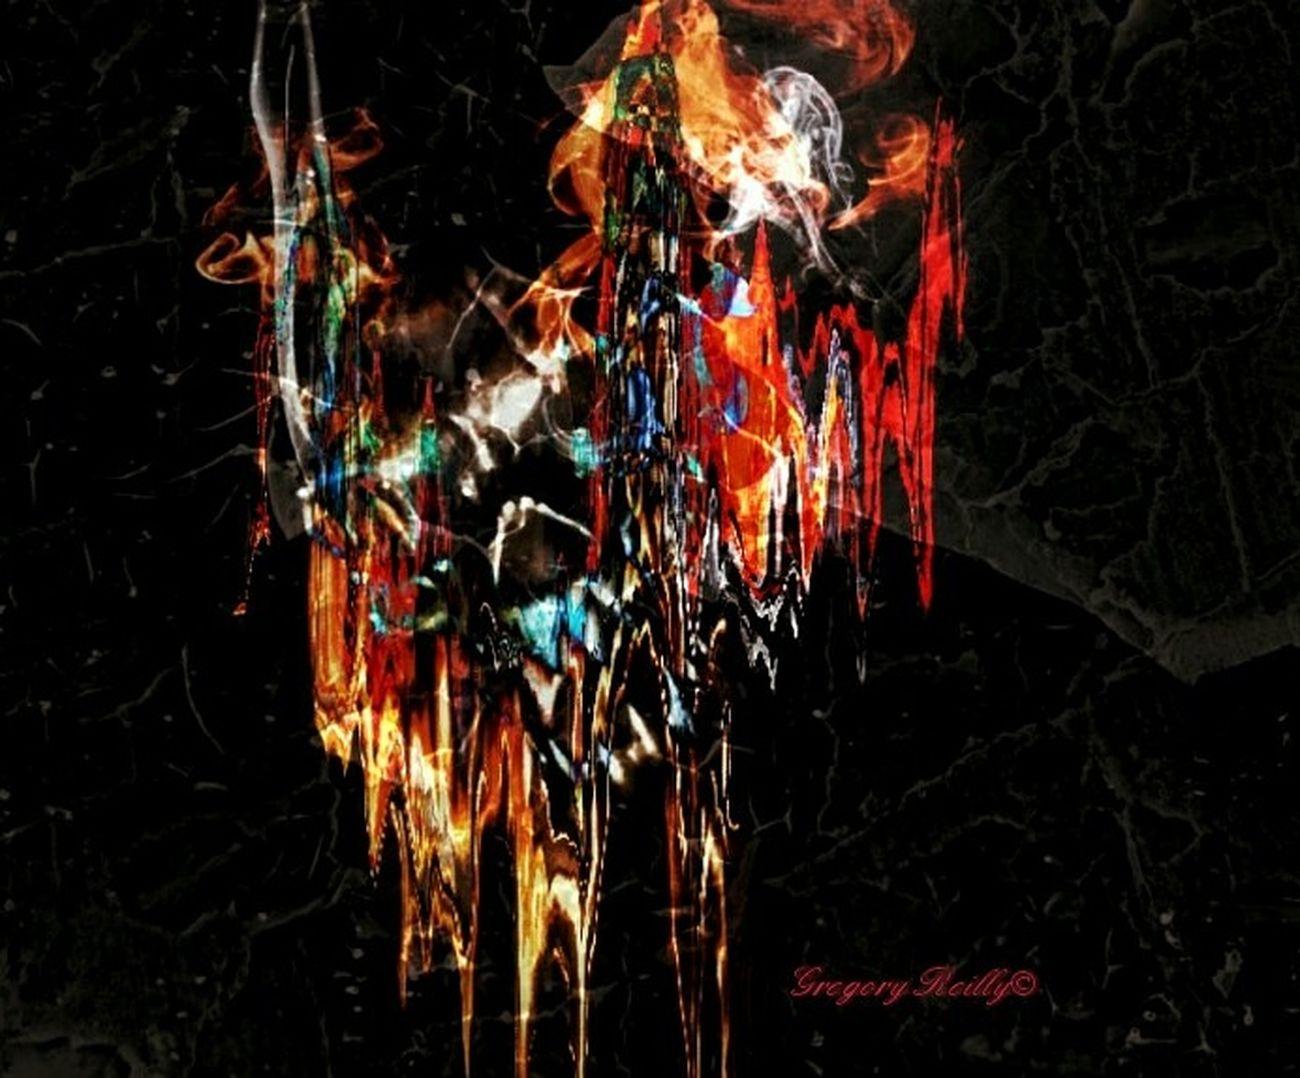 """""""AngelTwist"""" Masters_of_darkness Notes From The Underground Dark Not Strange To Me Deviantart EyeEm Gallery Shades Of Grey Dark Art Darkart Darkness And Light Dark Photography Horror Horror Portrait Self Portrait Darkness Dark Portrait Creepy Gothic Darkportrait Mask Horror Photography Creative Light And Shadow Surreal_manipulation"""